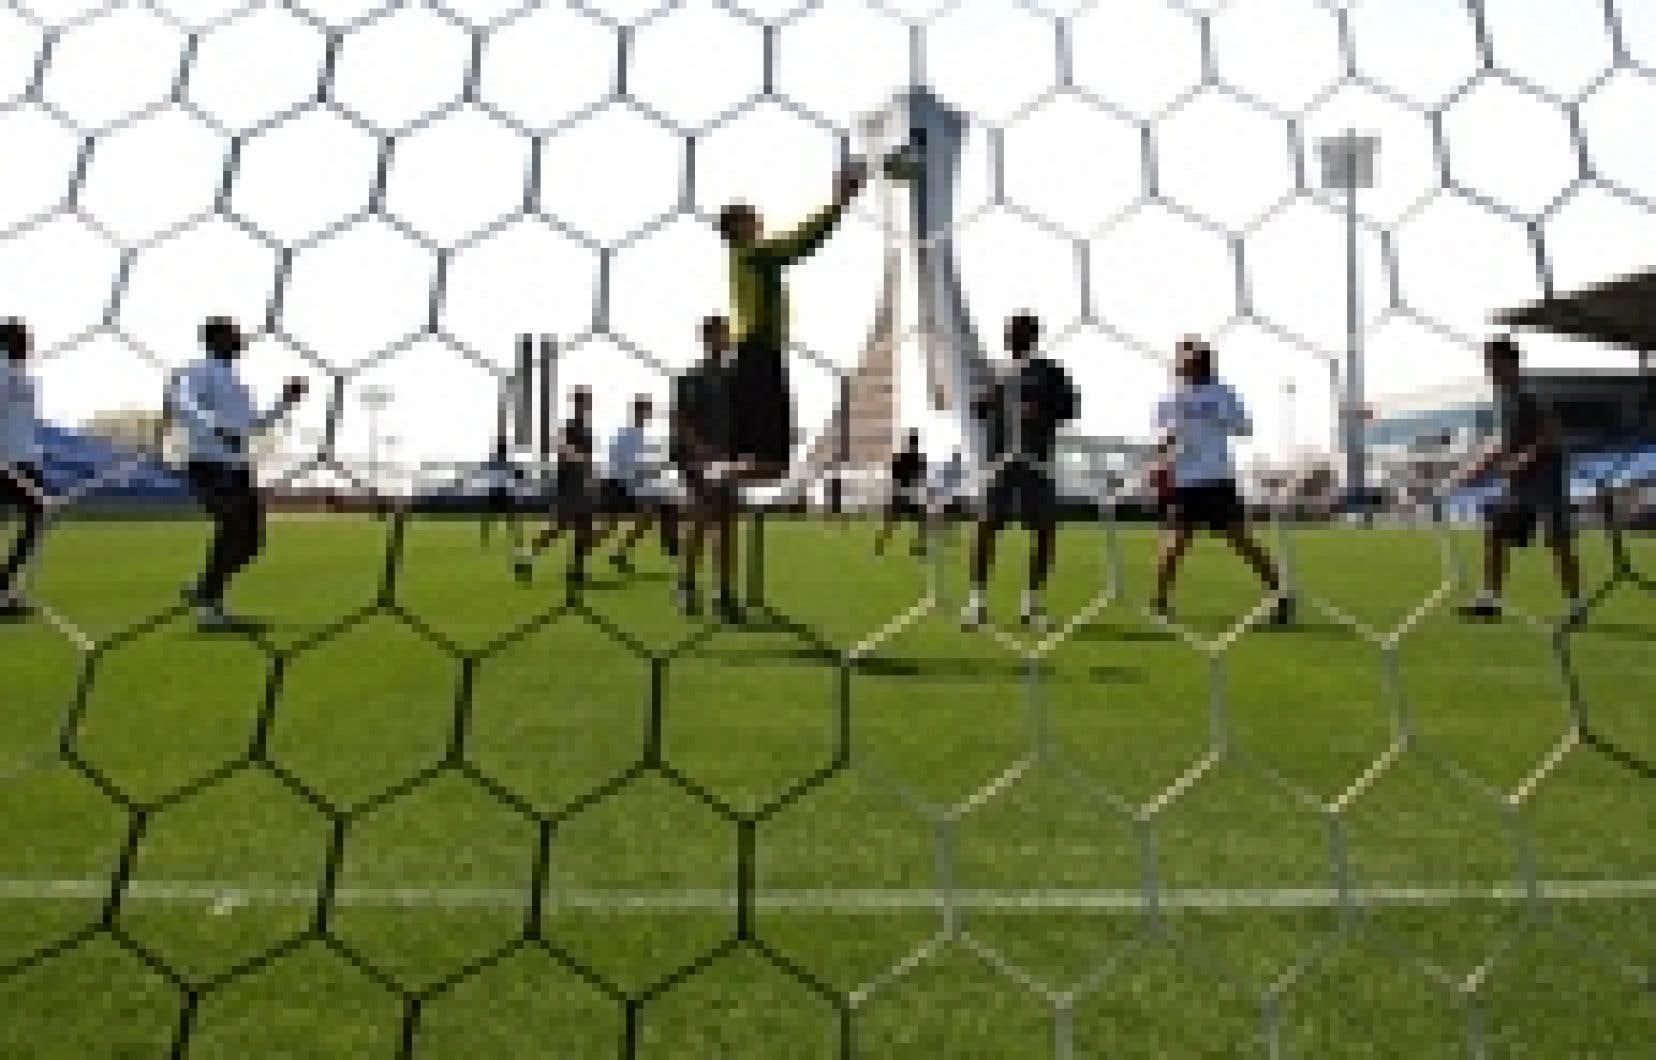 Pour la saison 2009, les matchs de l'Impact au Stade Saputo seront disputés pour la plupart le mercredi en soirée et le dimanche en fin d'après-midi.